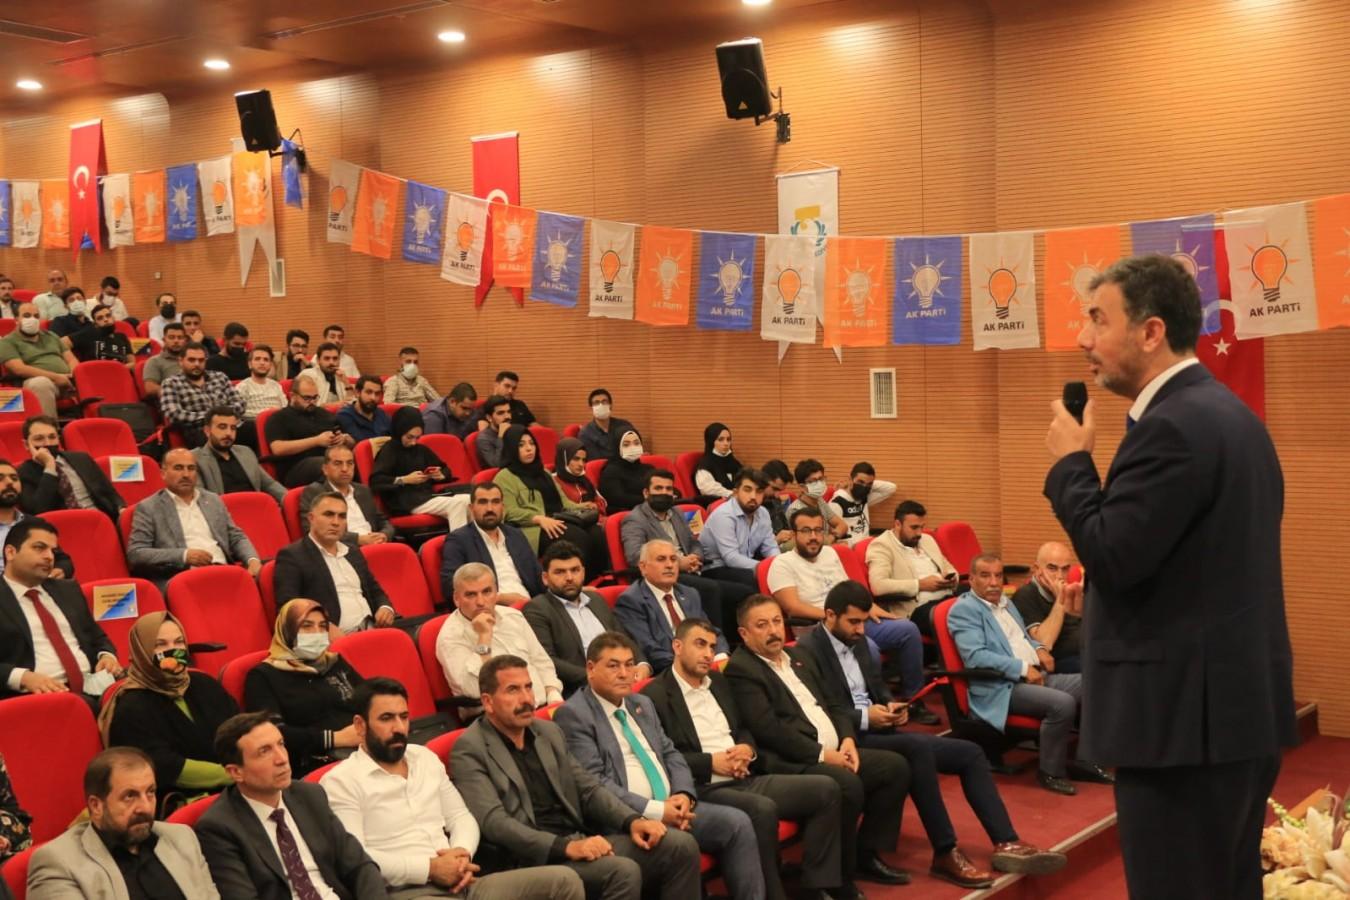 AK Parti Şanlıurfa İl Başkanı AK kadrolarla buluştu